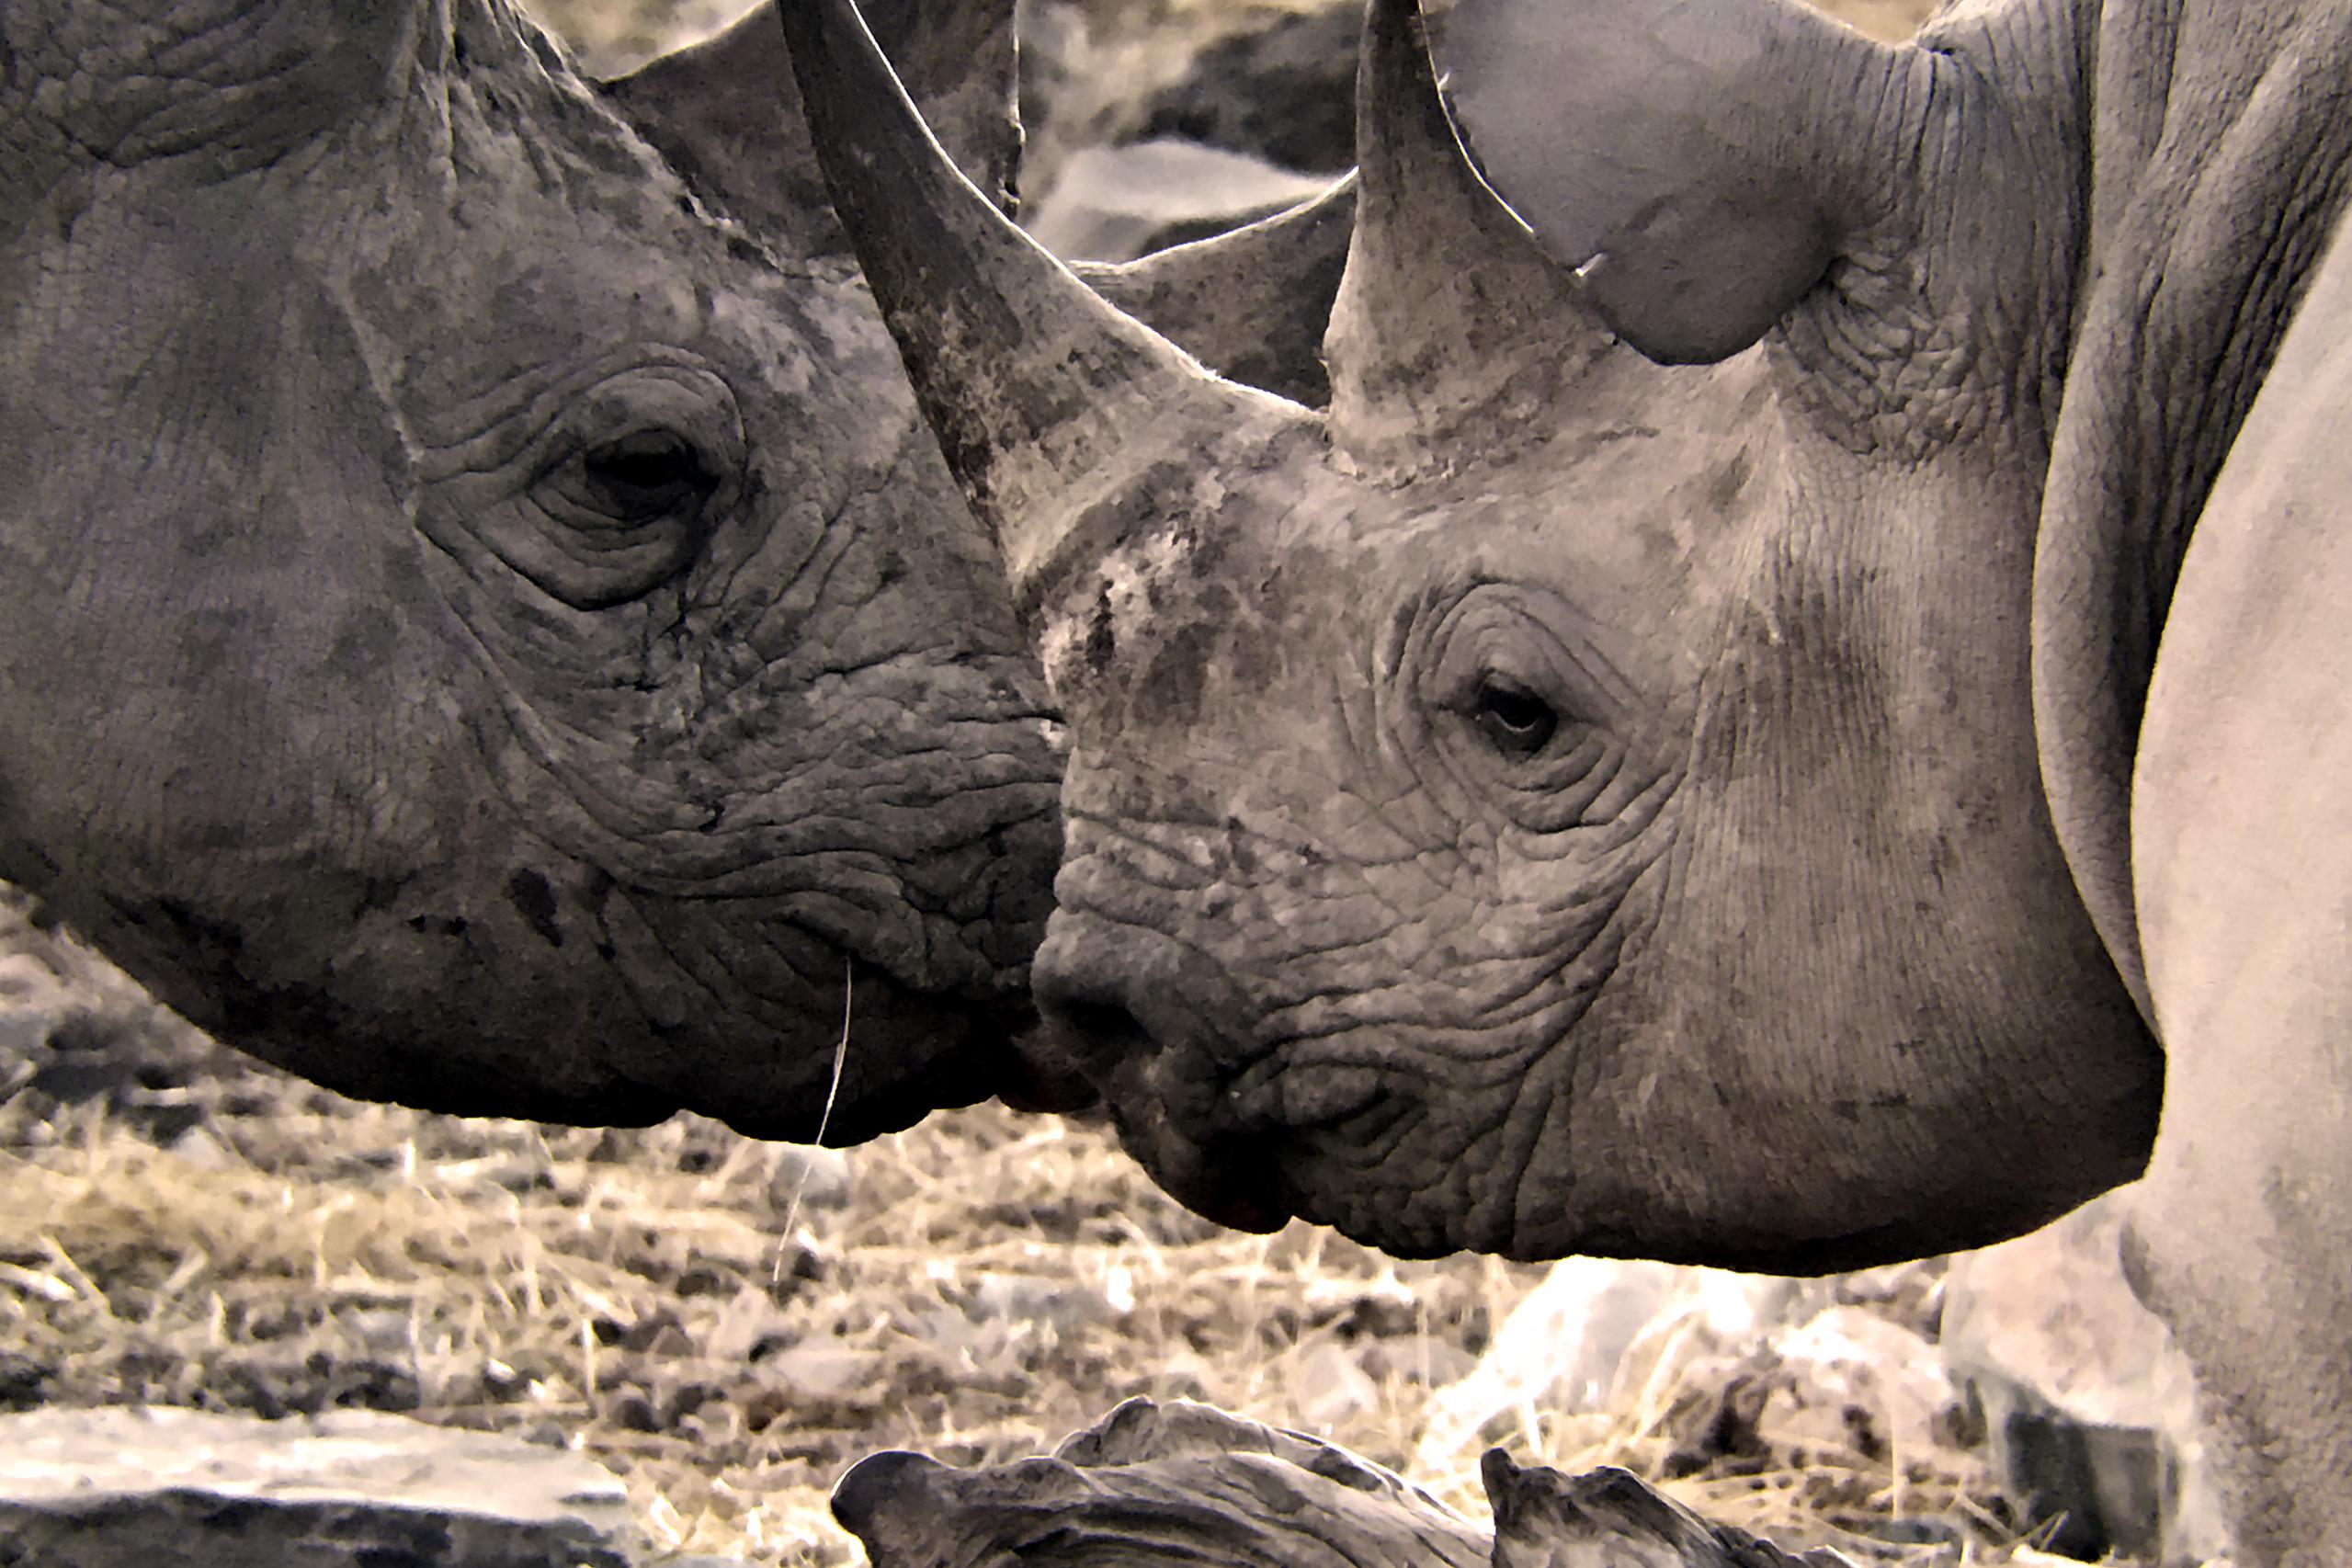 Due individui di rinoceronte nero (Diceros bicornis) che si sono incontrati vicino ad una pozza di abbeverata e si scambiano un saluto amichevole e non aggressivo, Etosha National Park, Namibia. Foto scattata con Leica APO Televid 82mm con l'aggancio per cellulare montato